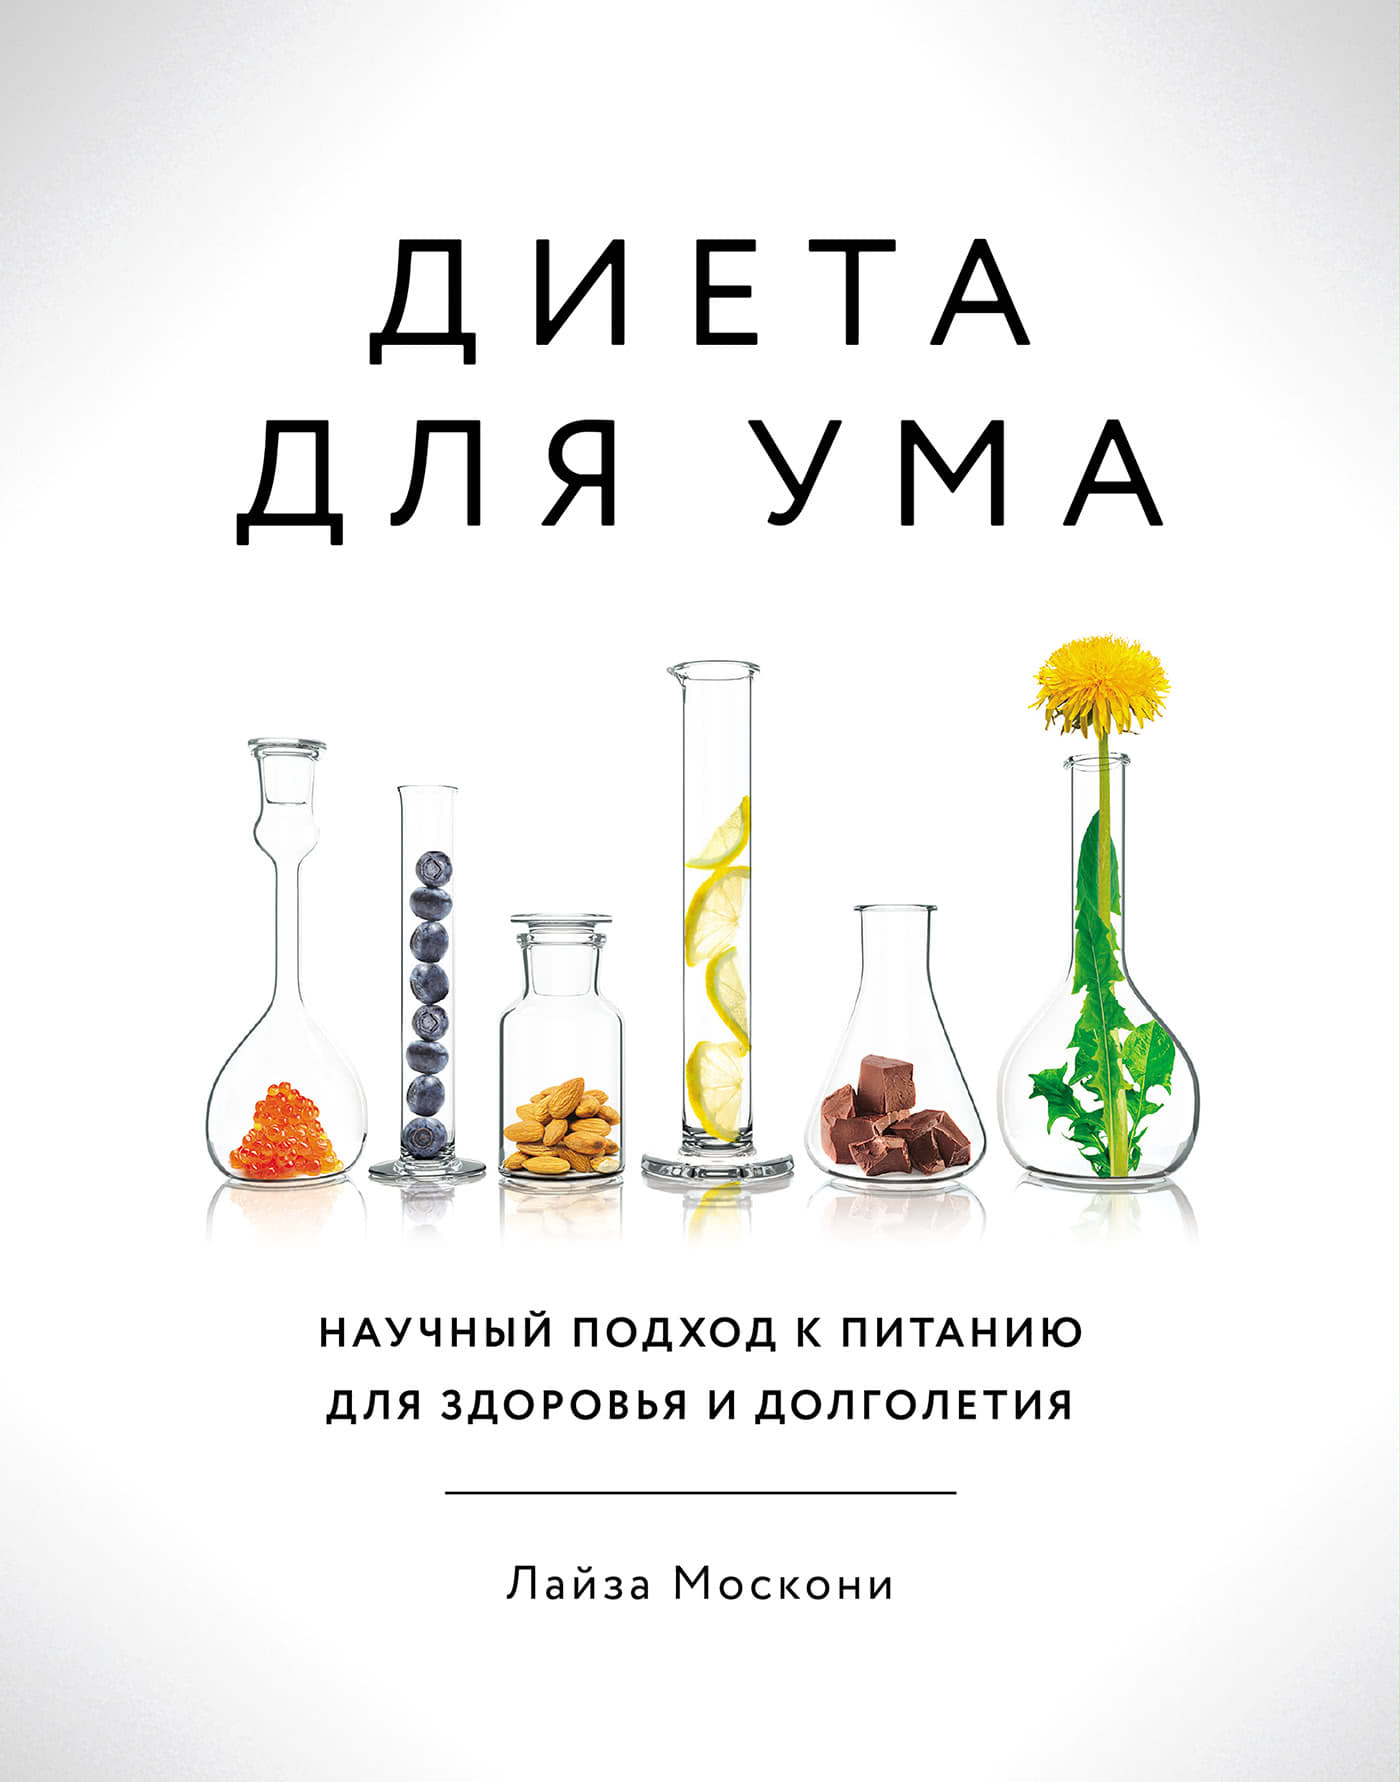 Лайза Москони Диета для ума москони л диета для ума научный подход к питанию для здоровья и долголетия